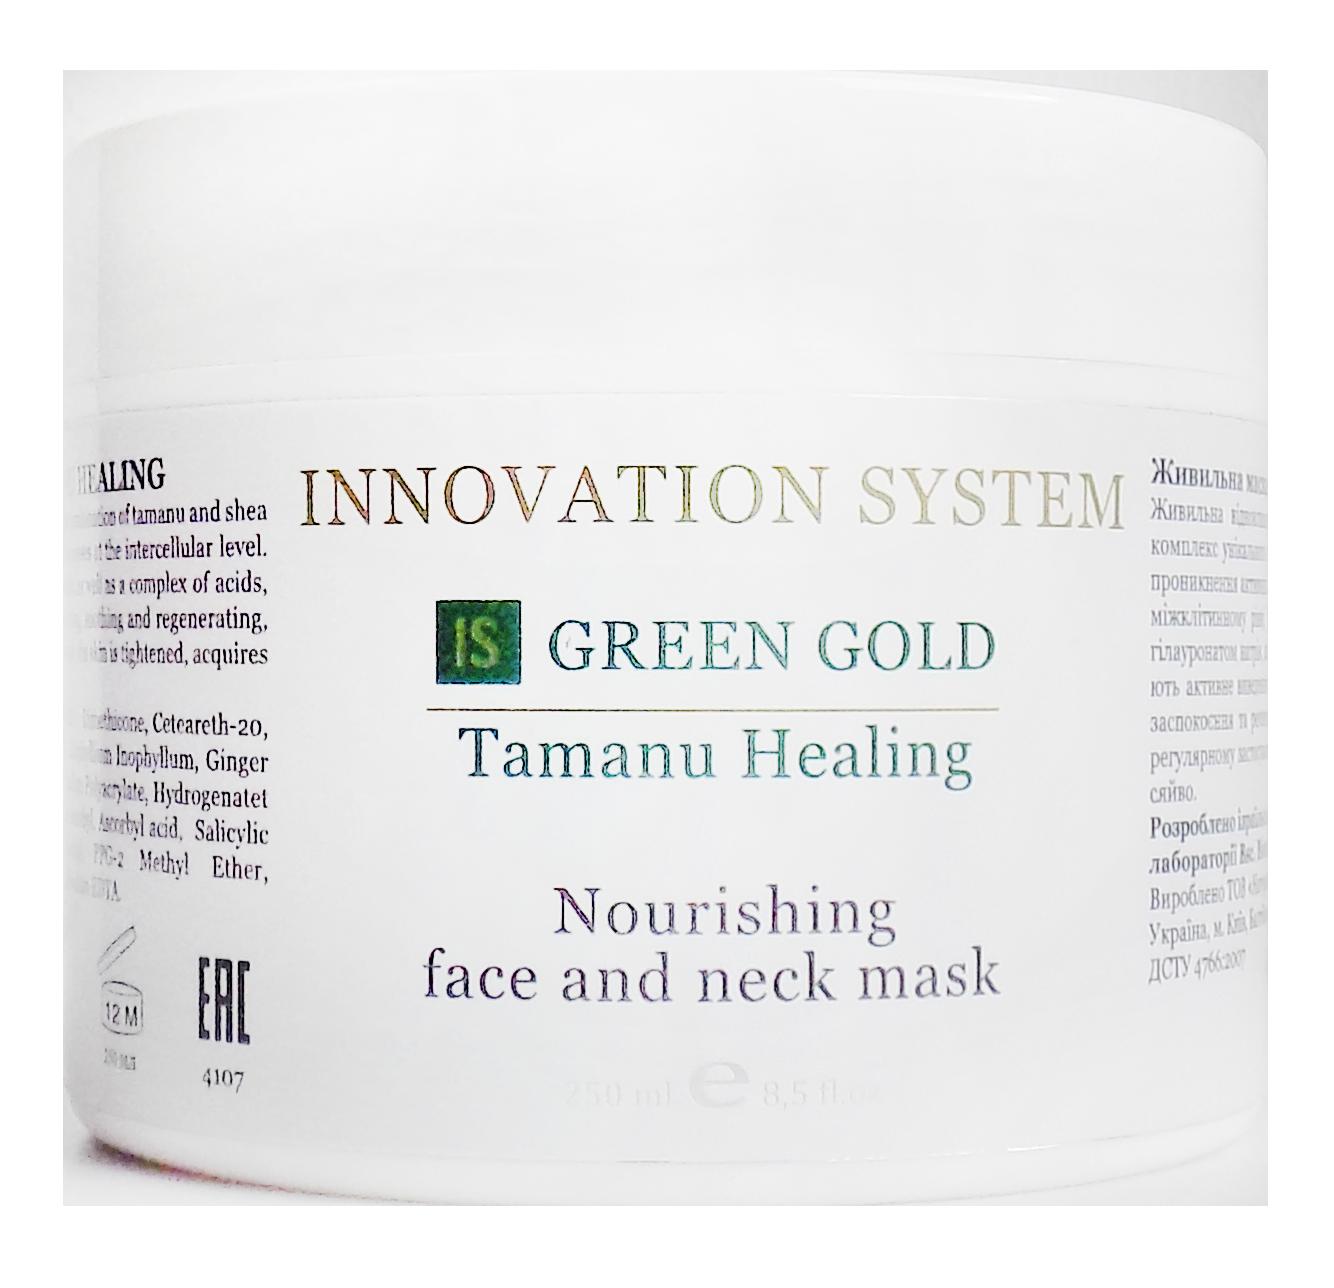 Питательная маска для лица и шеи Таману Хилинг